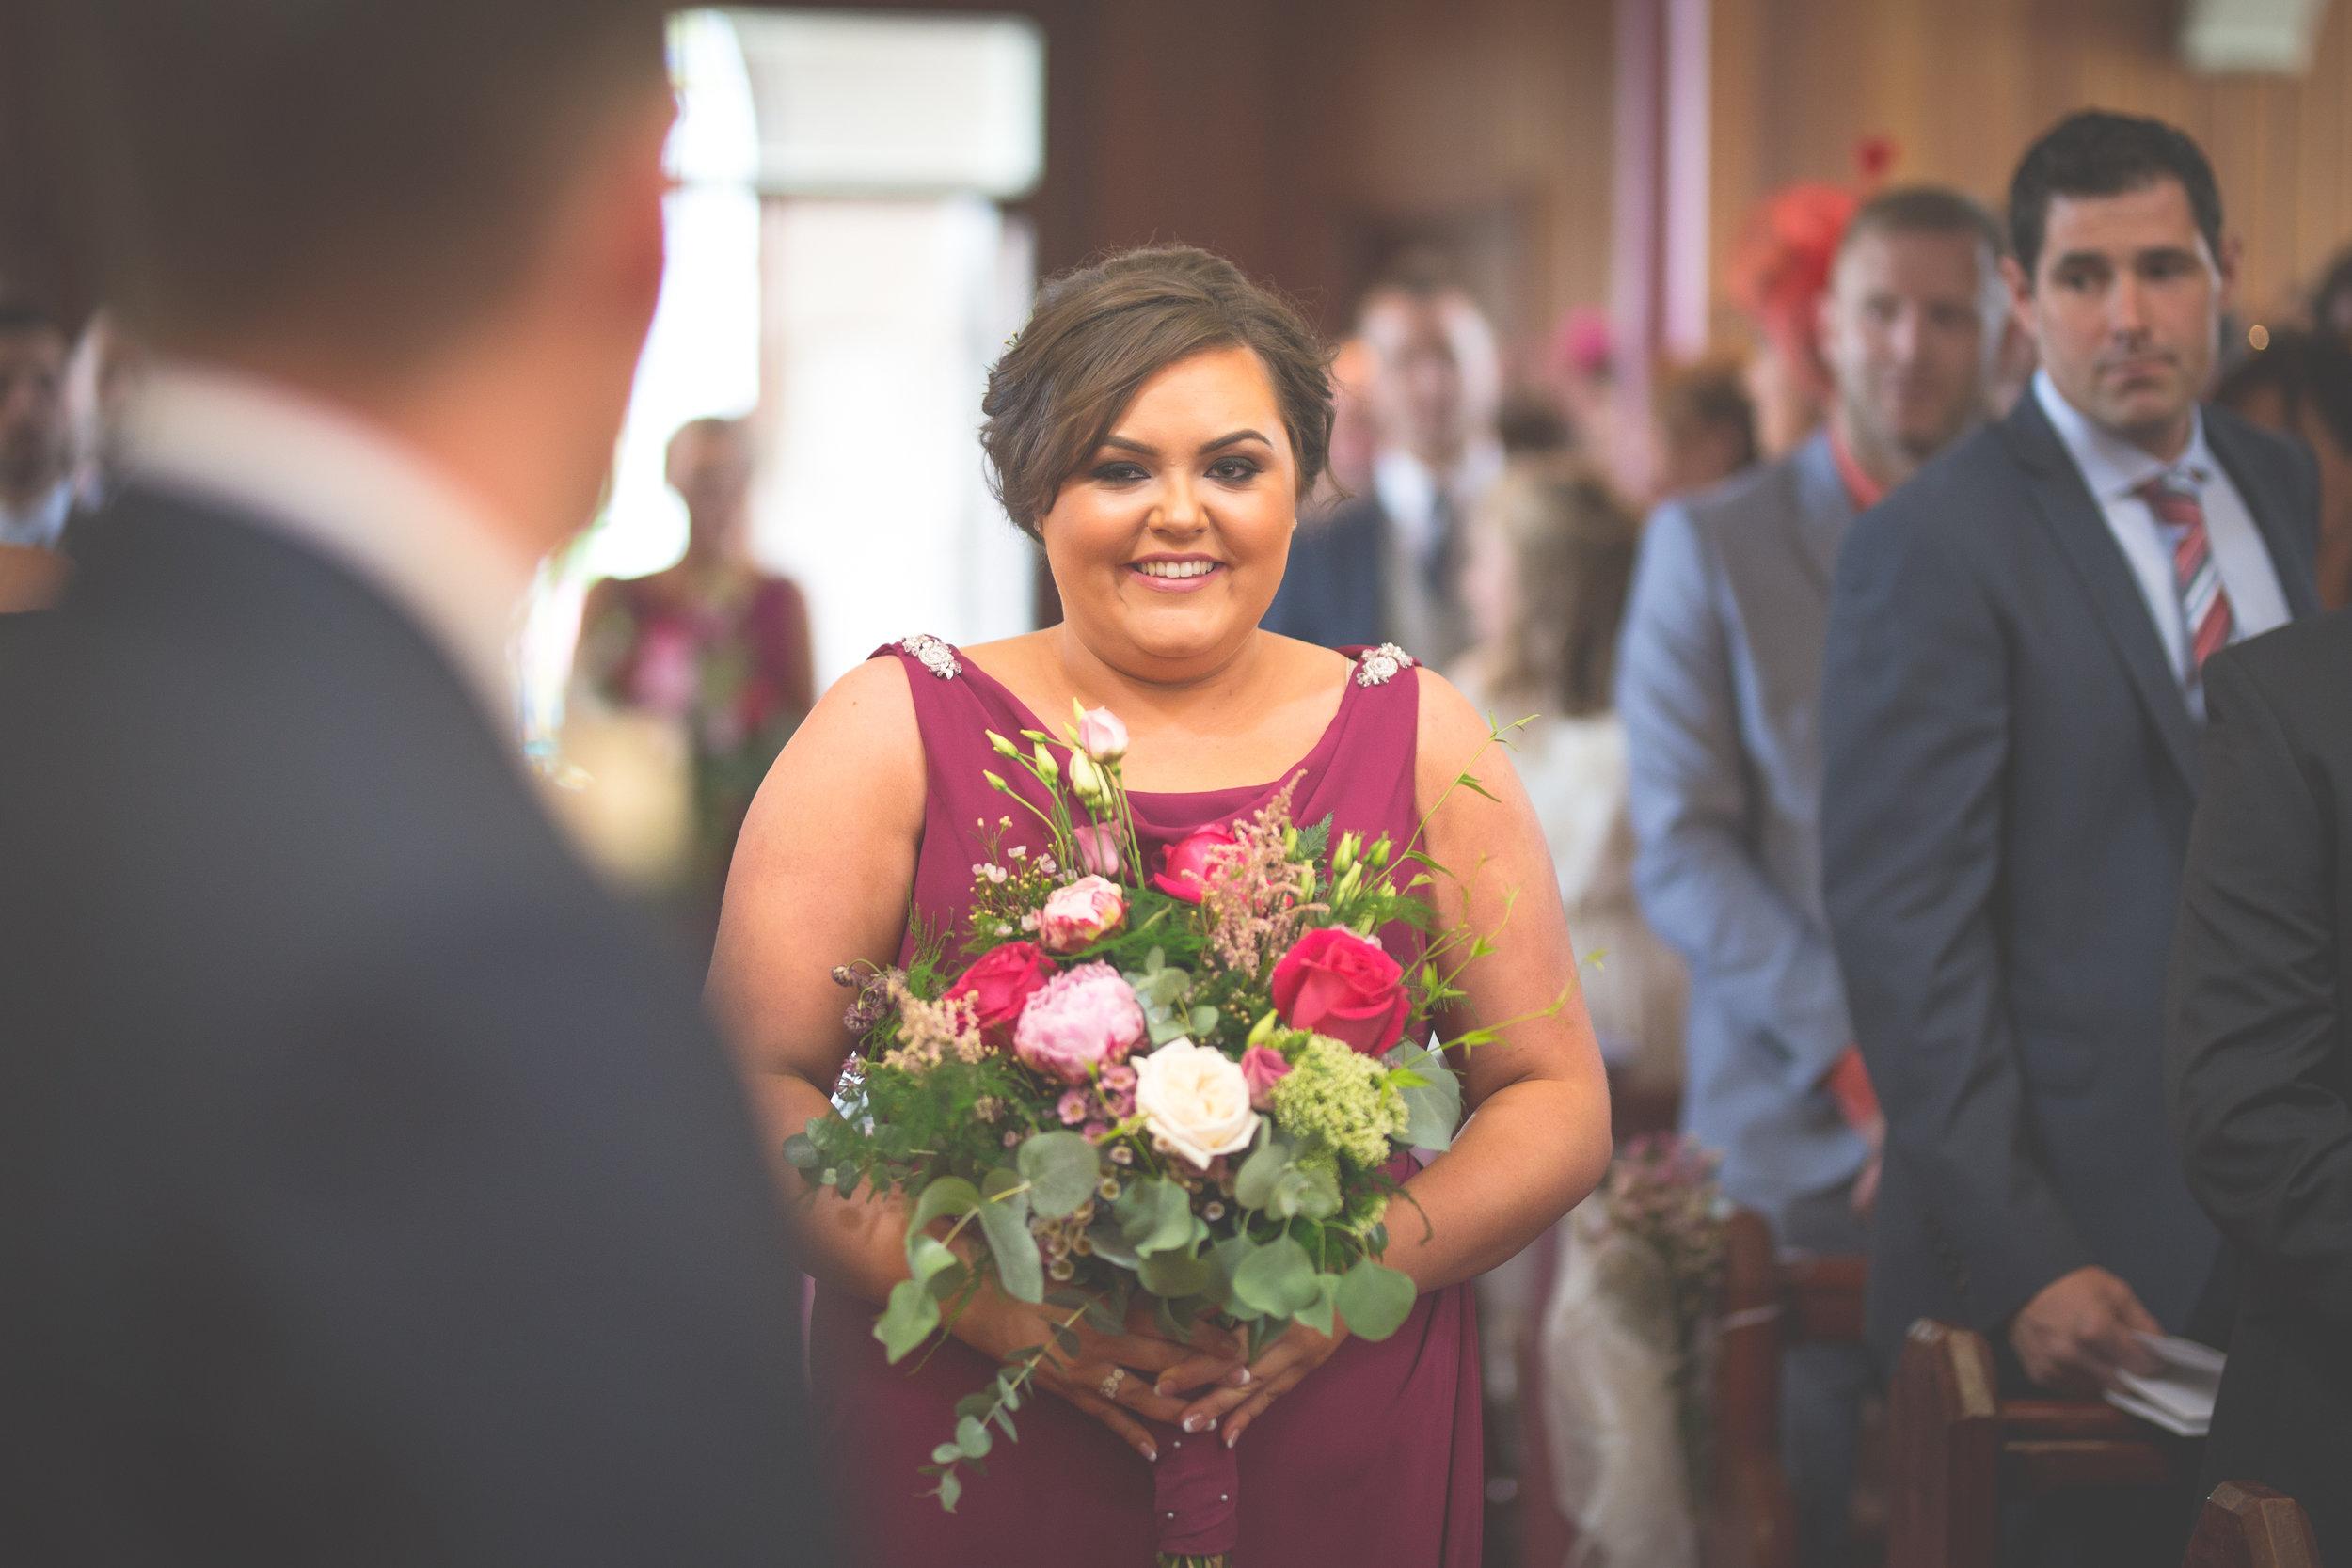 Brian McEwan Wedding Photography   Carol-Anne & Sean   The Ceremony-16.jpg